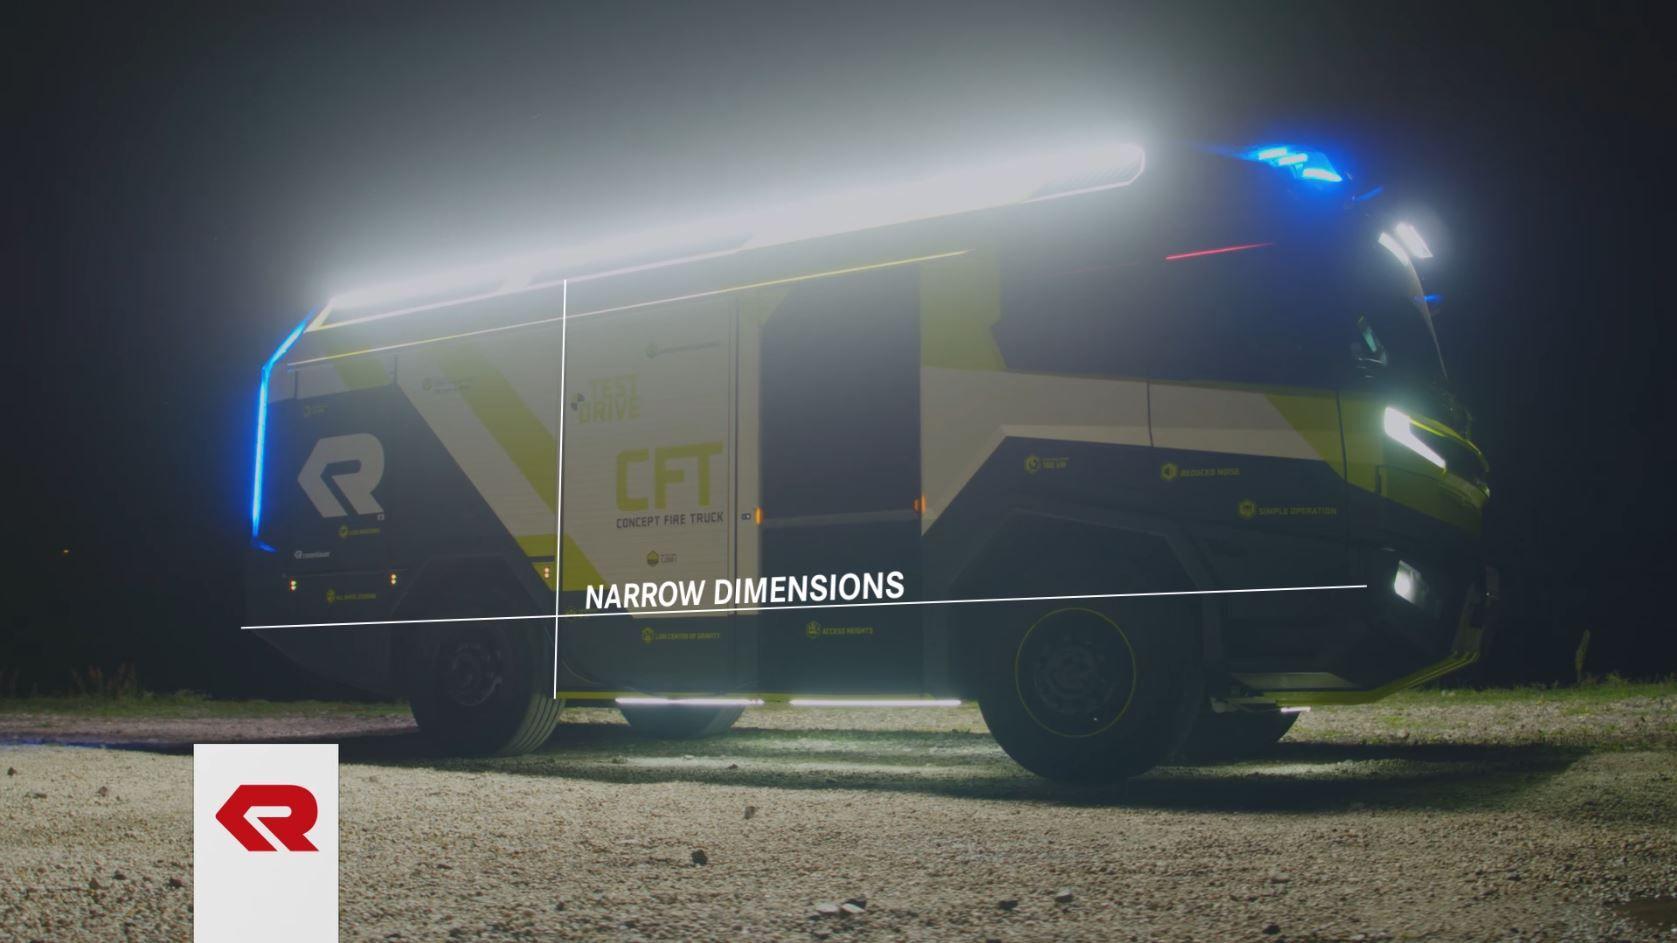 rosenbauer concept fire truck innovation